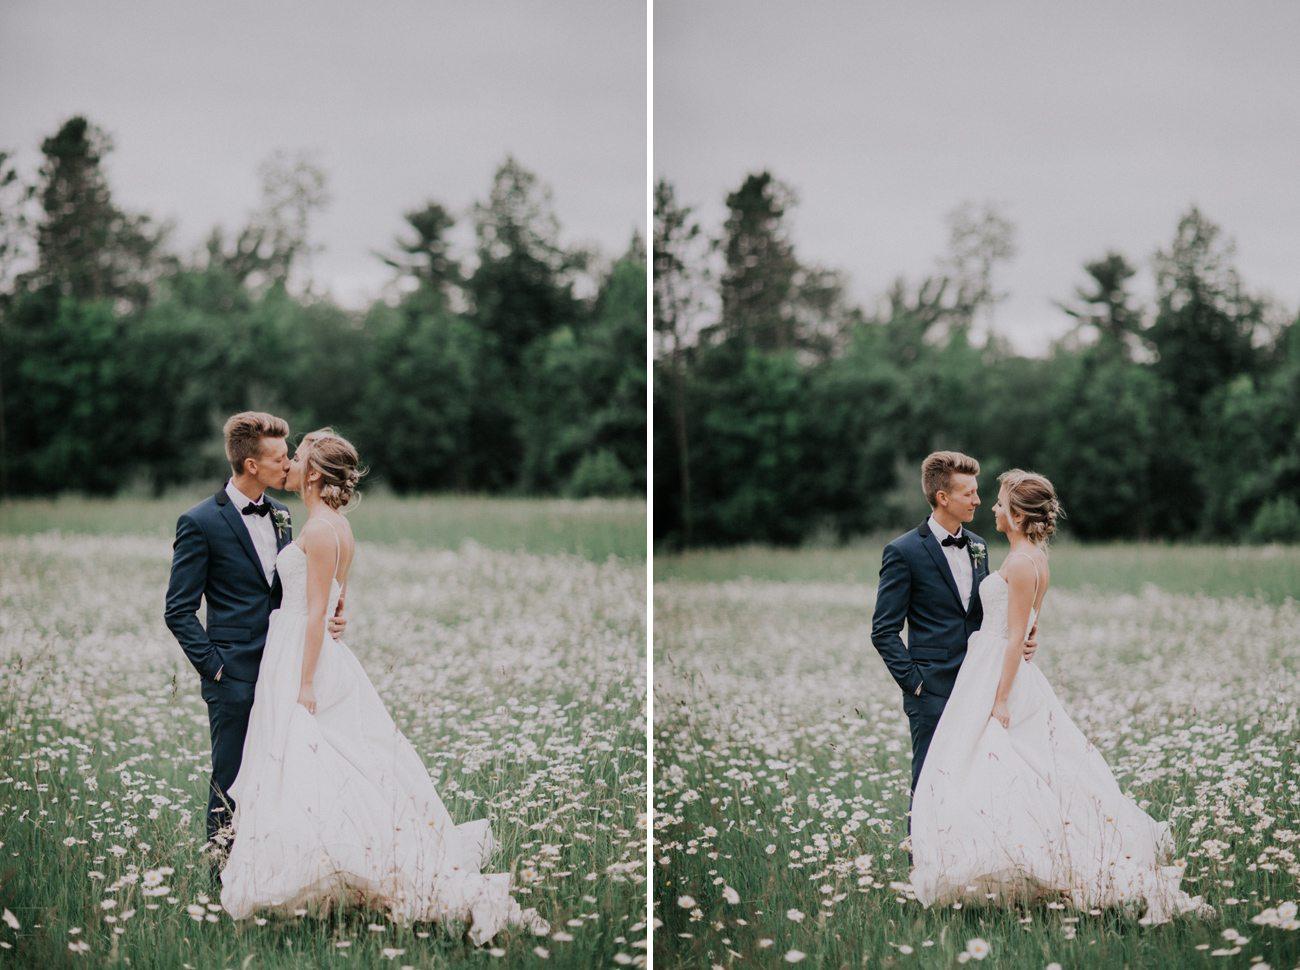 294-victoria-wedding-photographer